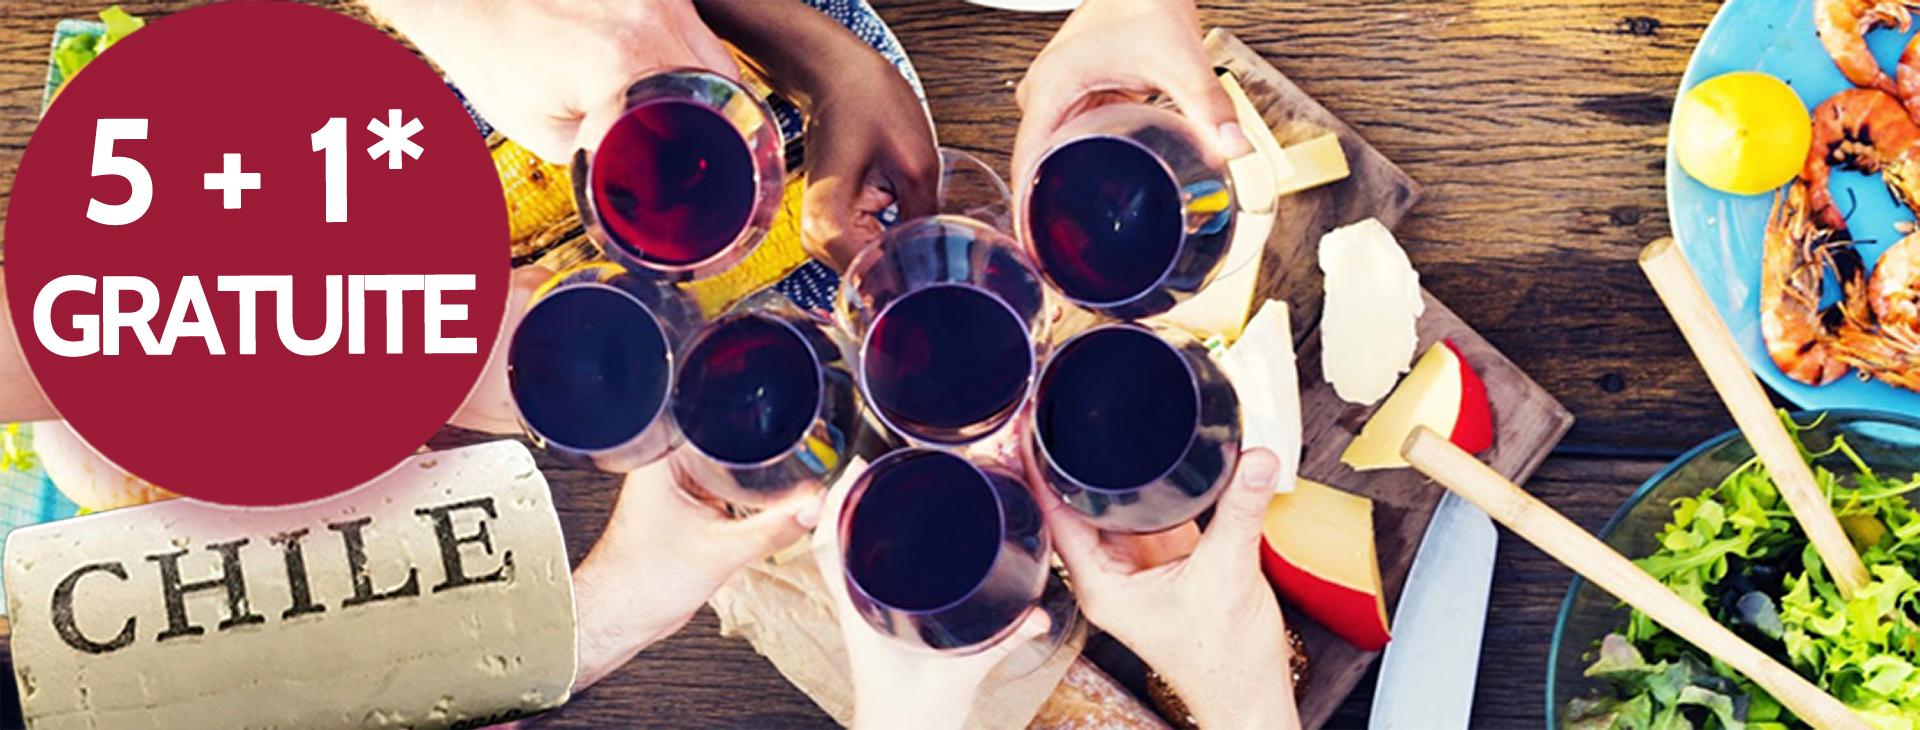 Promo vins chiliens